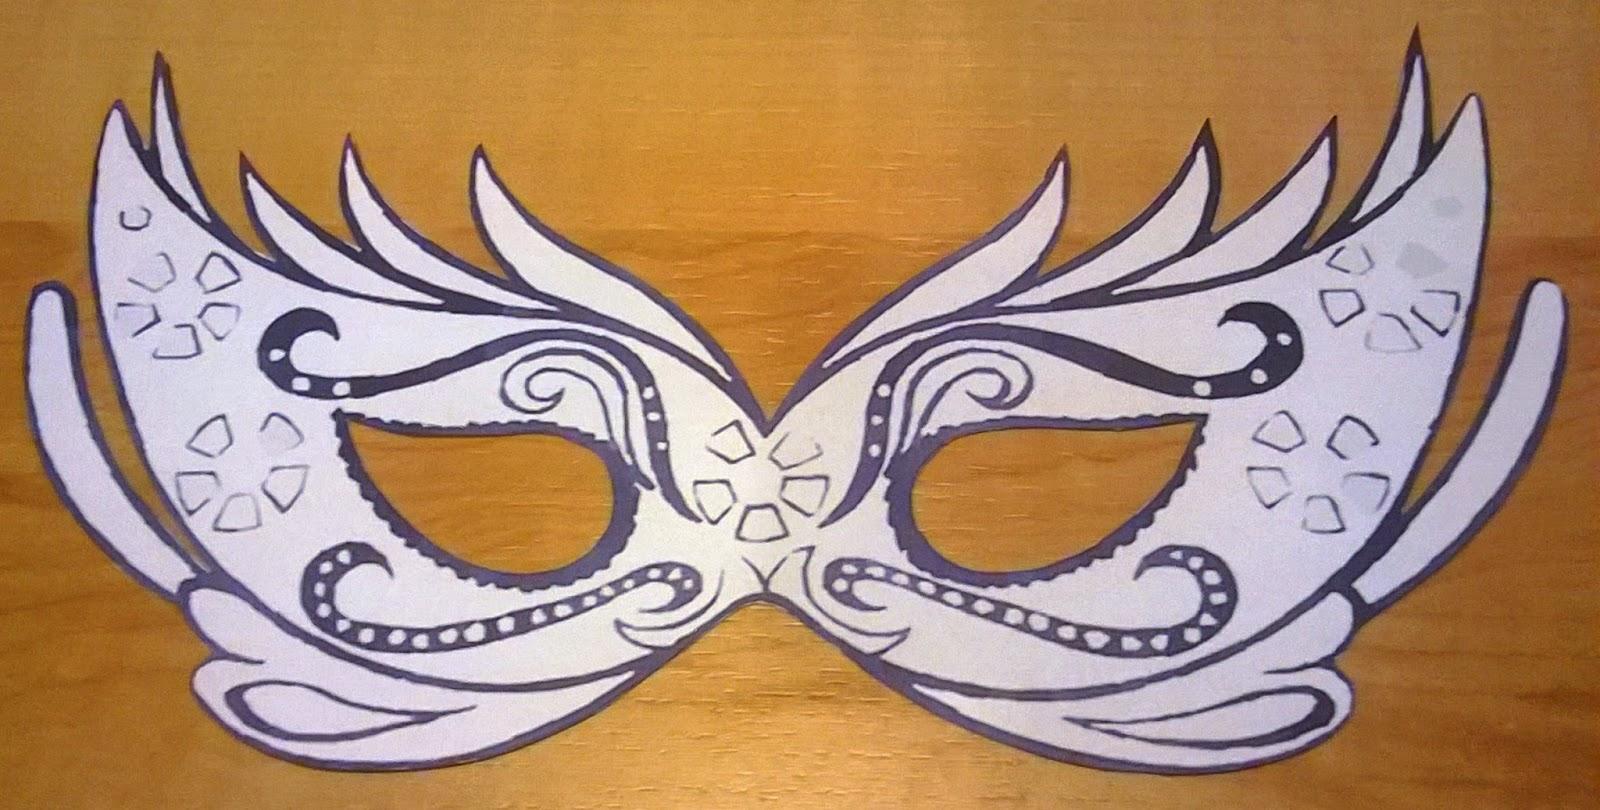 Ziemlich Venezianische Masken Vorlage Fotos ...